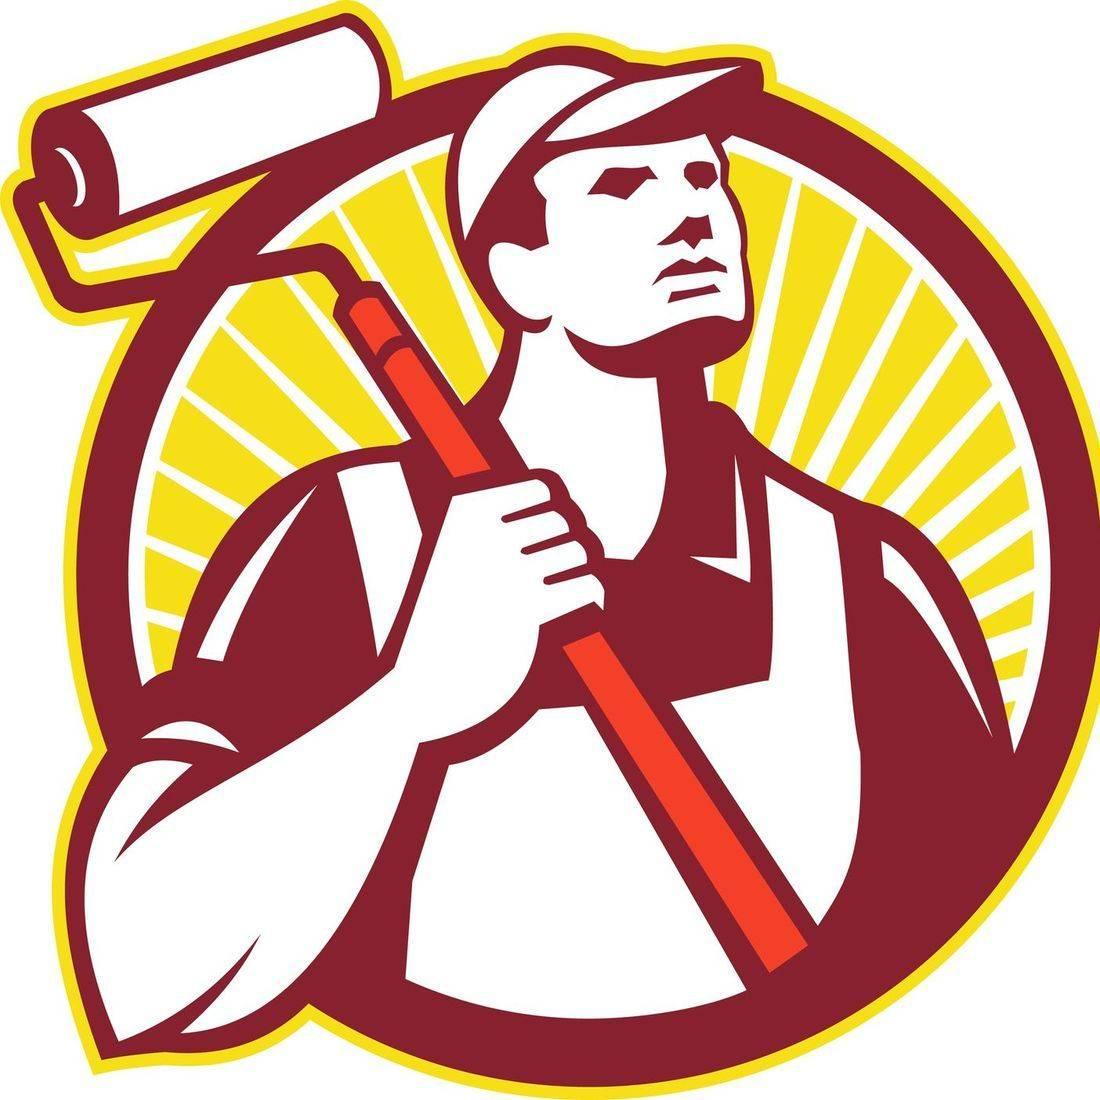 Handyman, Remodeling, Home Improvements - Rochester NY, Syracuse NY, Buffalo NY, Elmira NY, Coring NY